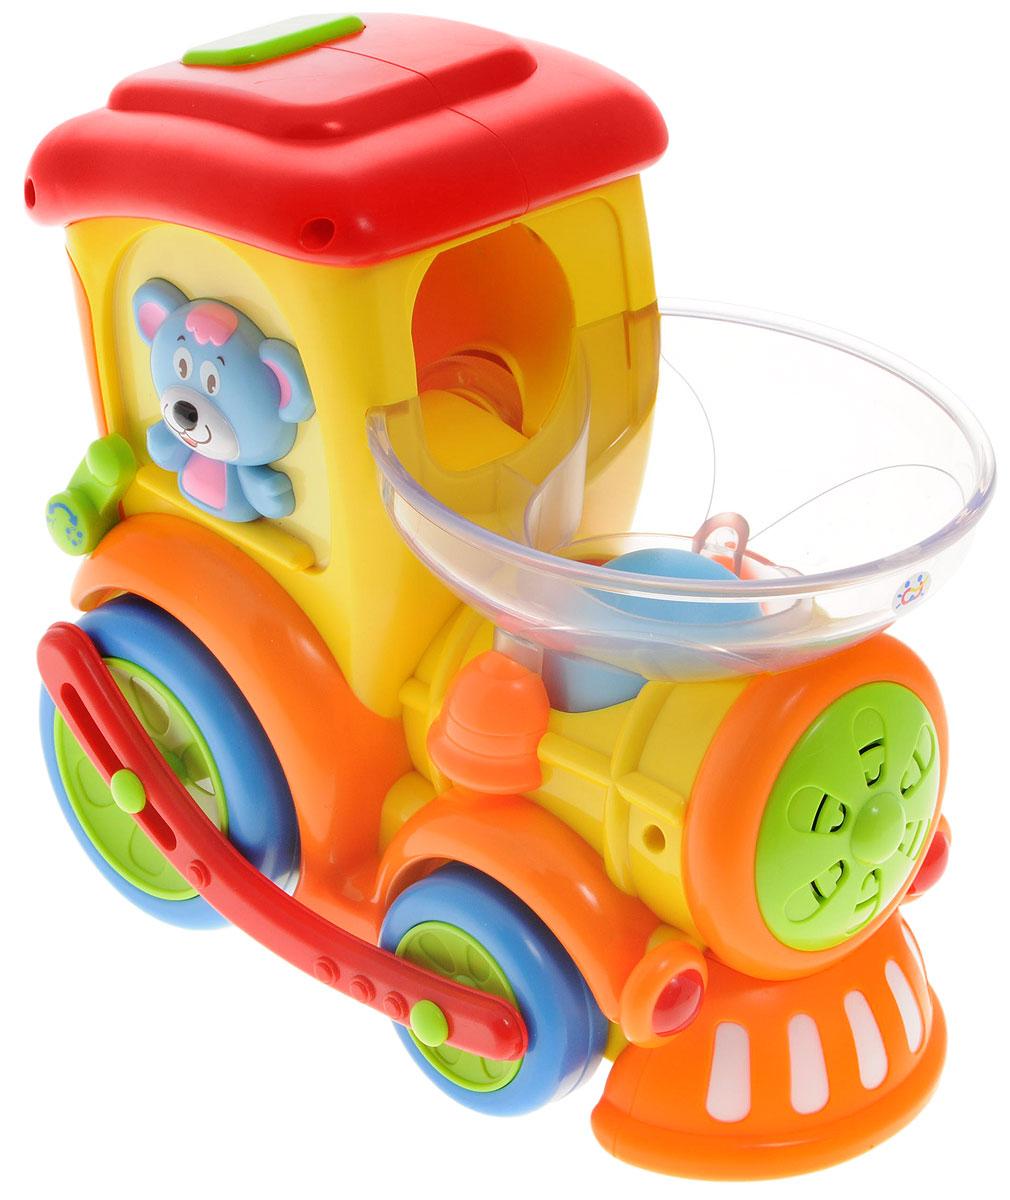 Huile Toys Развивающая игрушка Поезд с шарами958Развивающая игрушка Huile Toys Поезд с шарами - это многофункциональная игрушка со звуковыми и световыми эффектами. Ребенку понравится догонять шустрый поезд, кидая разноцветные шарики в трубу. Во время движения паровозик мигает огоньками и поет веселые песни. При столкновении с препятствиями поезд произвольно меняет направление движения. Во время игры, ребенок бросив шарики начинает учиться считать, а также игра поможет улучшить моторику рук. Ребенок сможет научиться различать цвета. Самое главное у ребенка будет прекрасное настроение во время игры с поездом. Необходимо купить 4 батарейки напряжением 1,5V типа АА (не входят в комплект).